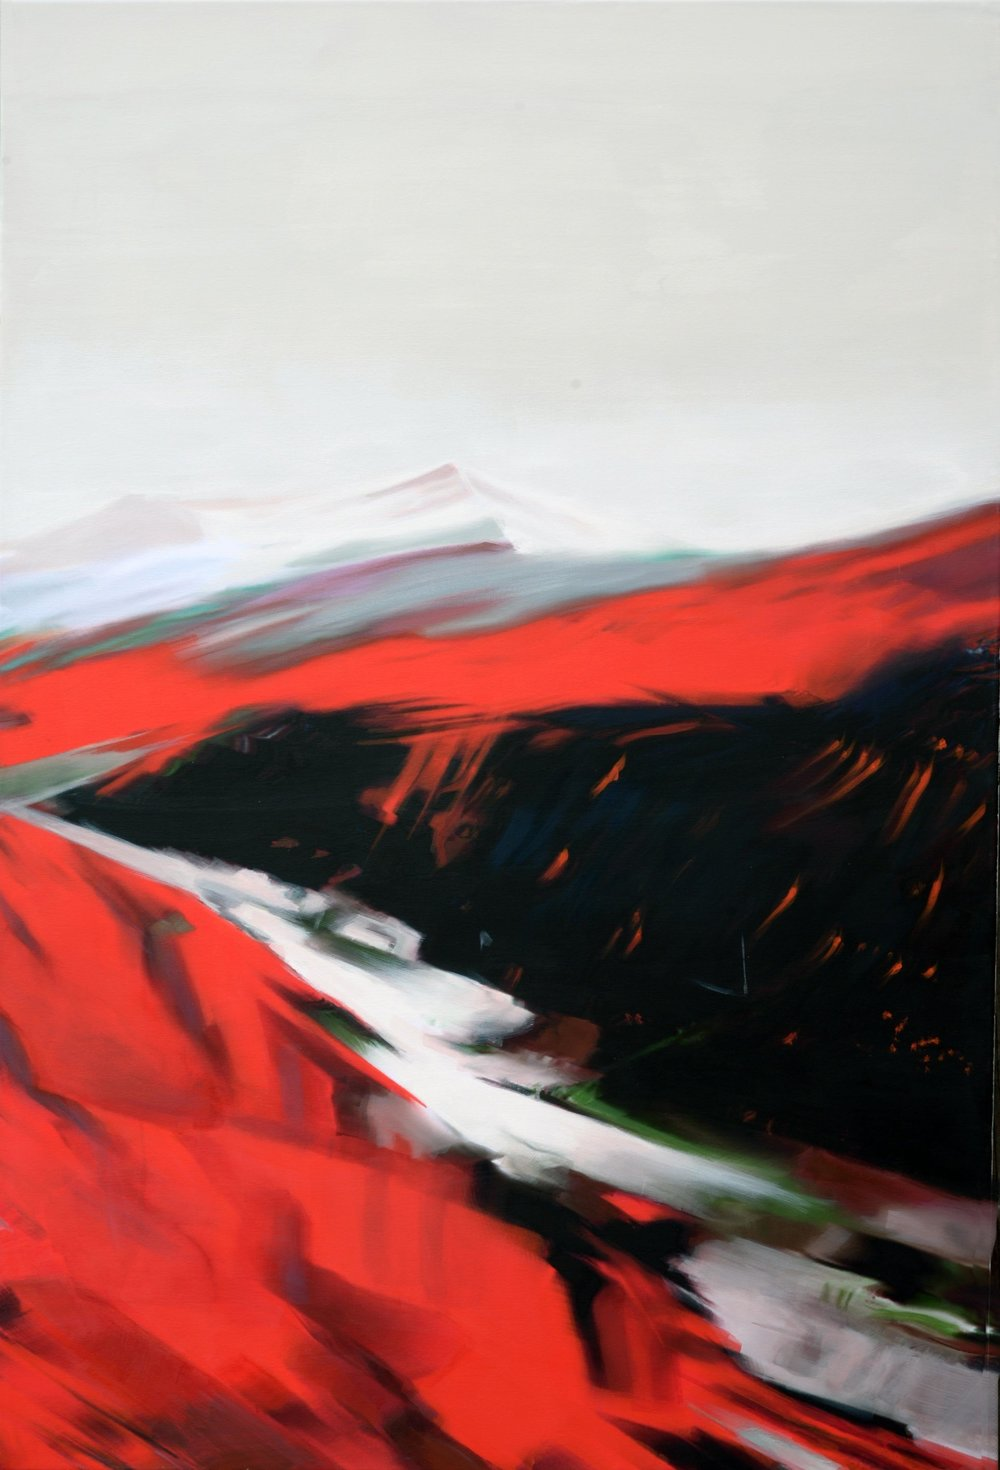 hrunga, 140 x 90 cm, Acryl/Leinwand, 2018